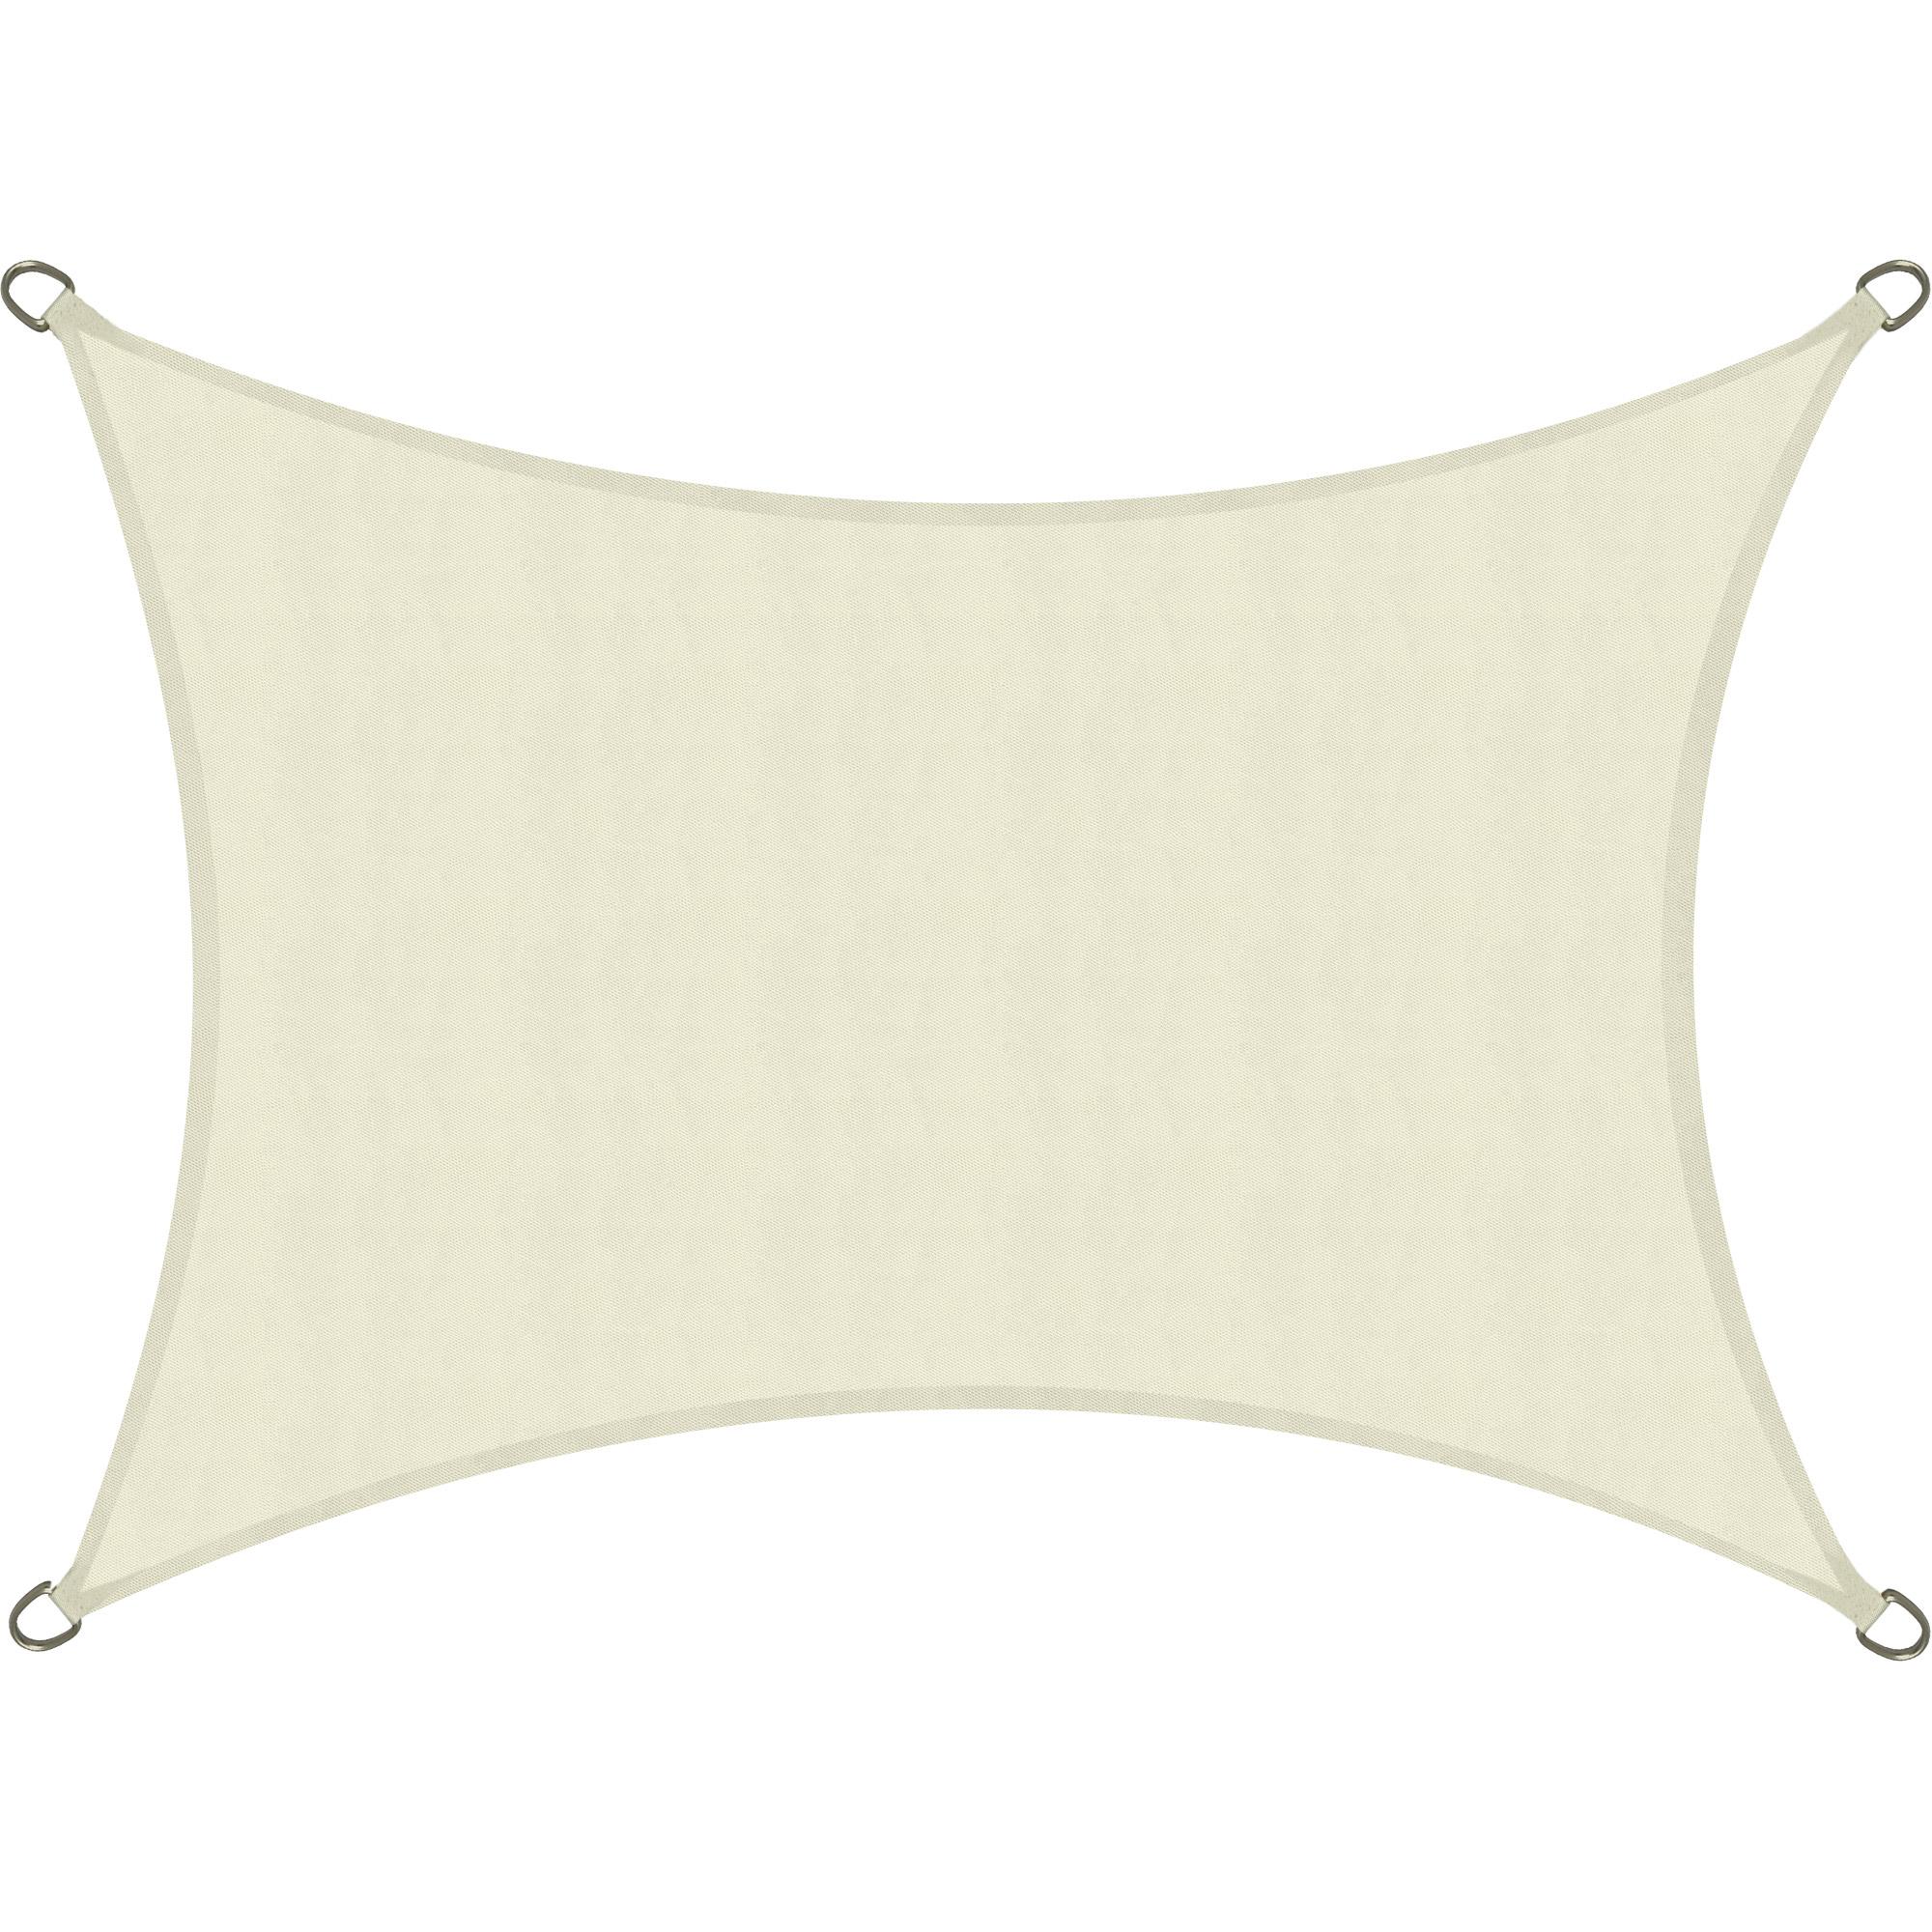 sonnensegel rechteck wasserabweisend sonnenschutz viereck uv schutz rechteckig ebay. Black Bedroom Furniture Sets. Home Design Ideas